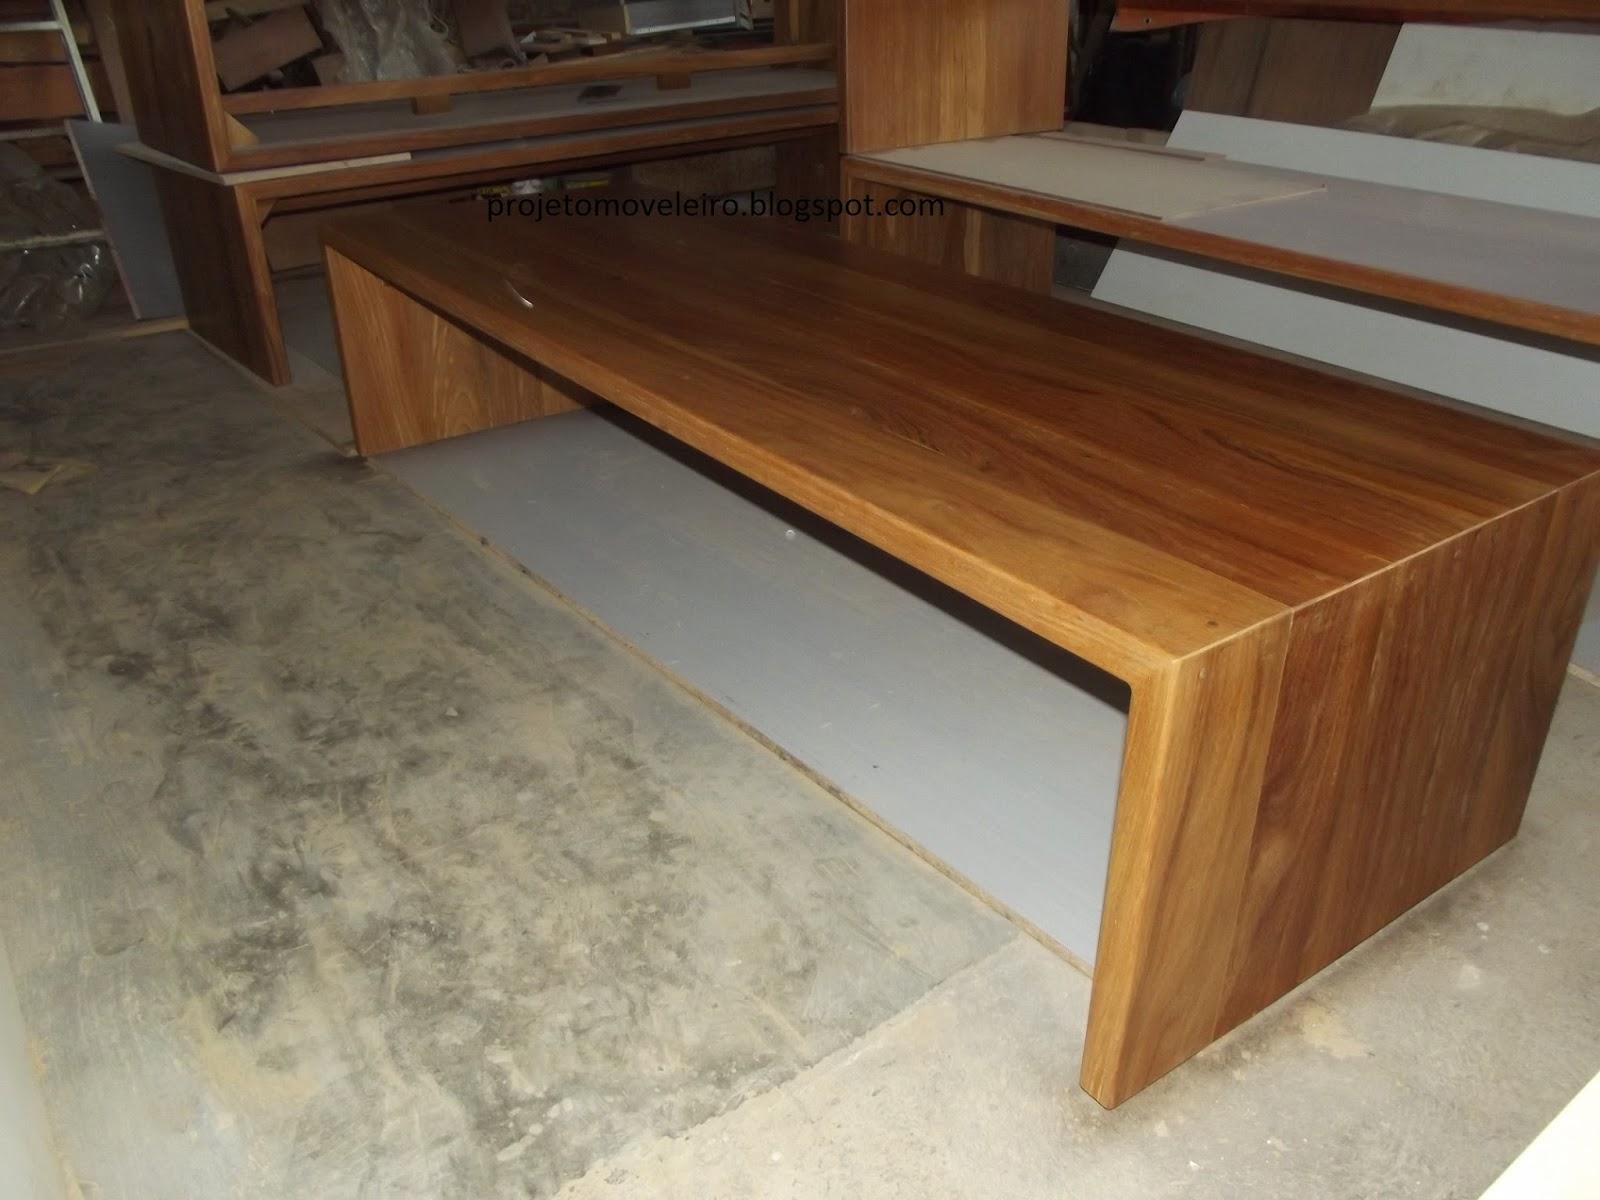 MADEIRA MACIÇA E MOVEIS SOB MEDIDA: Banco em madeira maciça de #684024 1600x1200